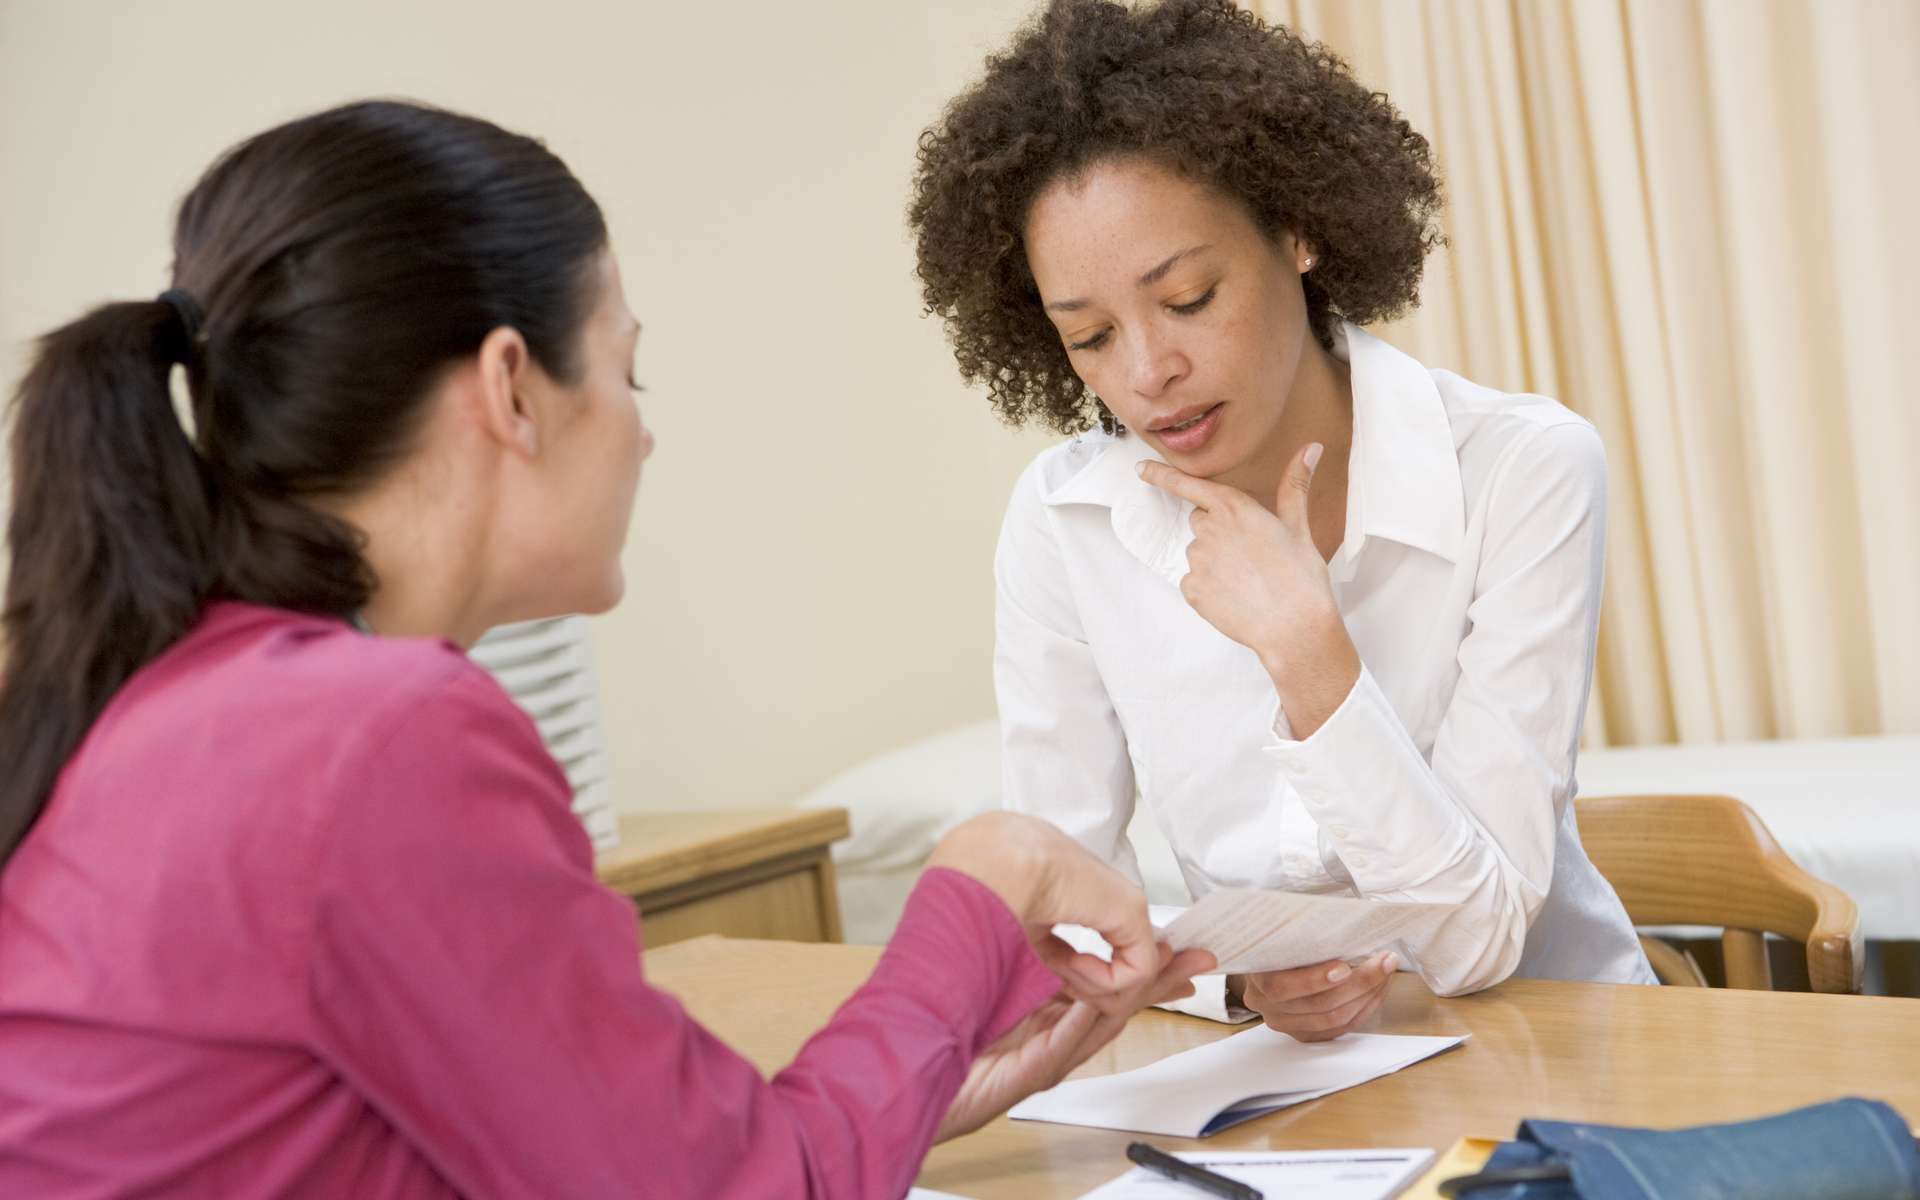 Entre 10 et 20 séances de rééducation périnéale sont prescrites après l'accouchement. © Fotolia